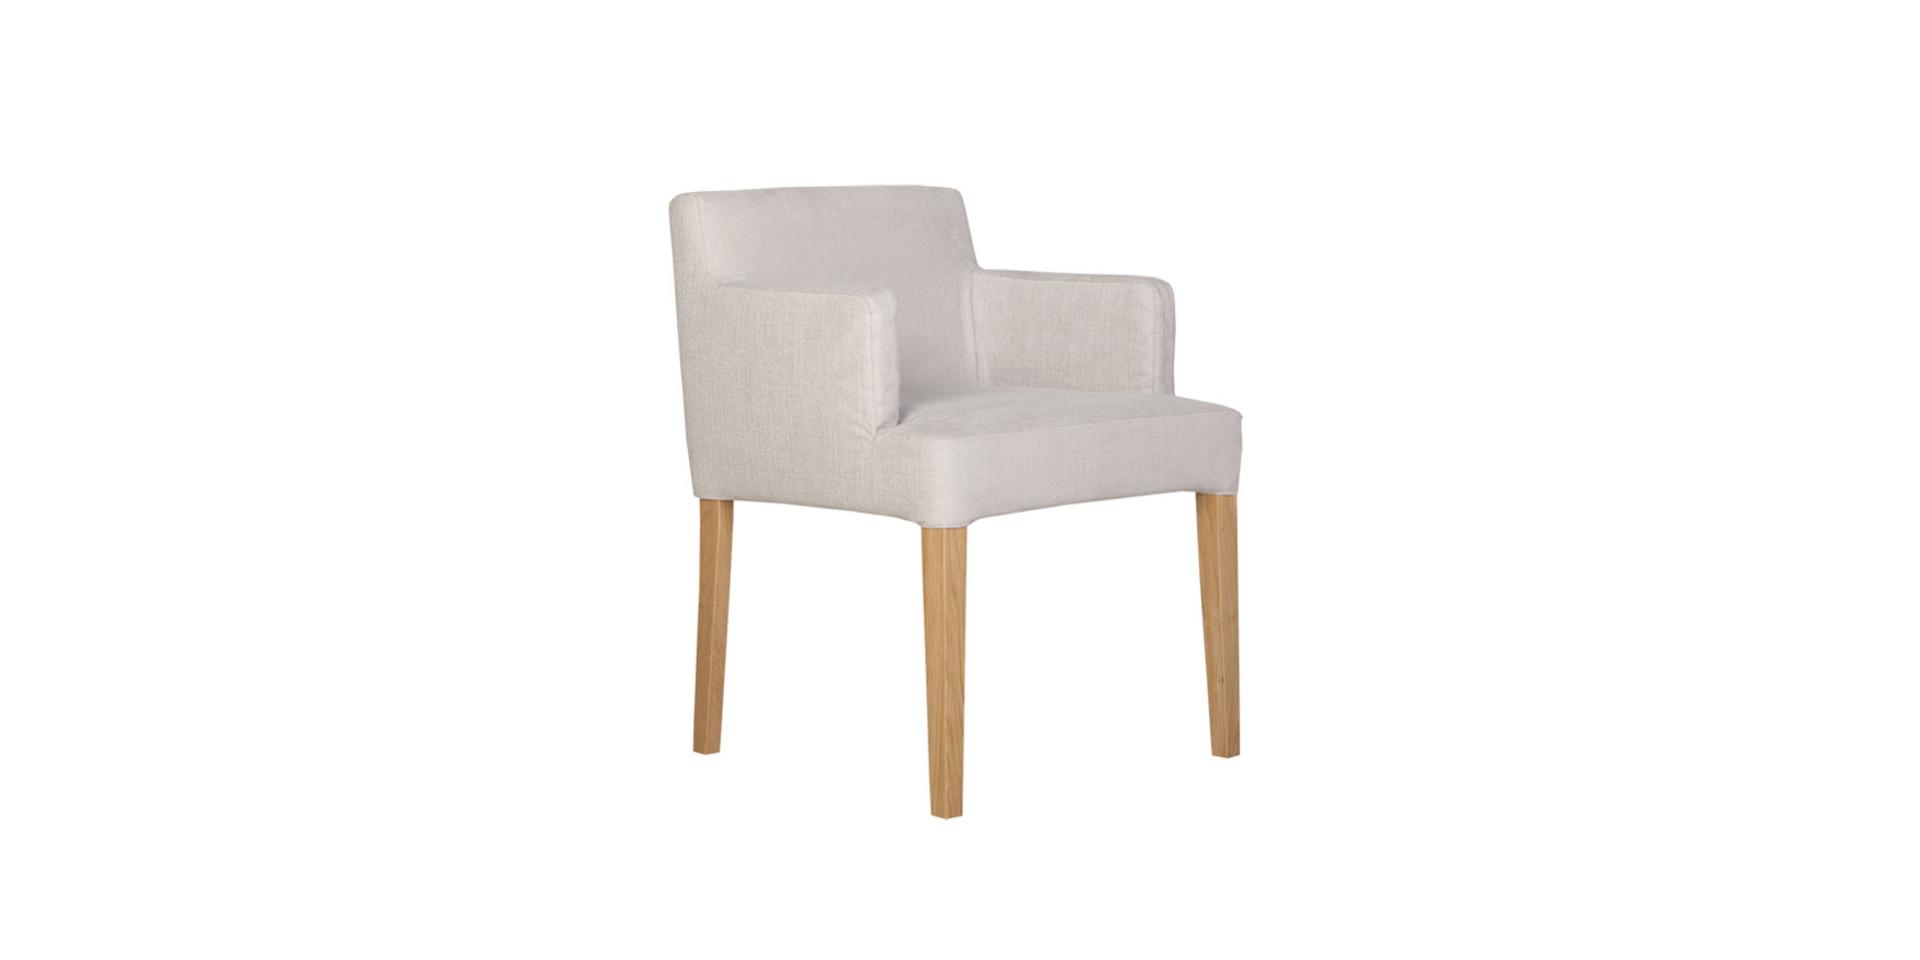 sits-linn-fauteuil-chair_caleido3790_light_beige_2